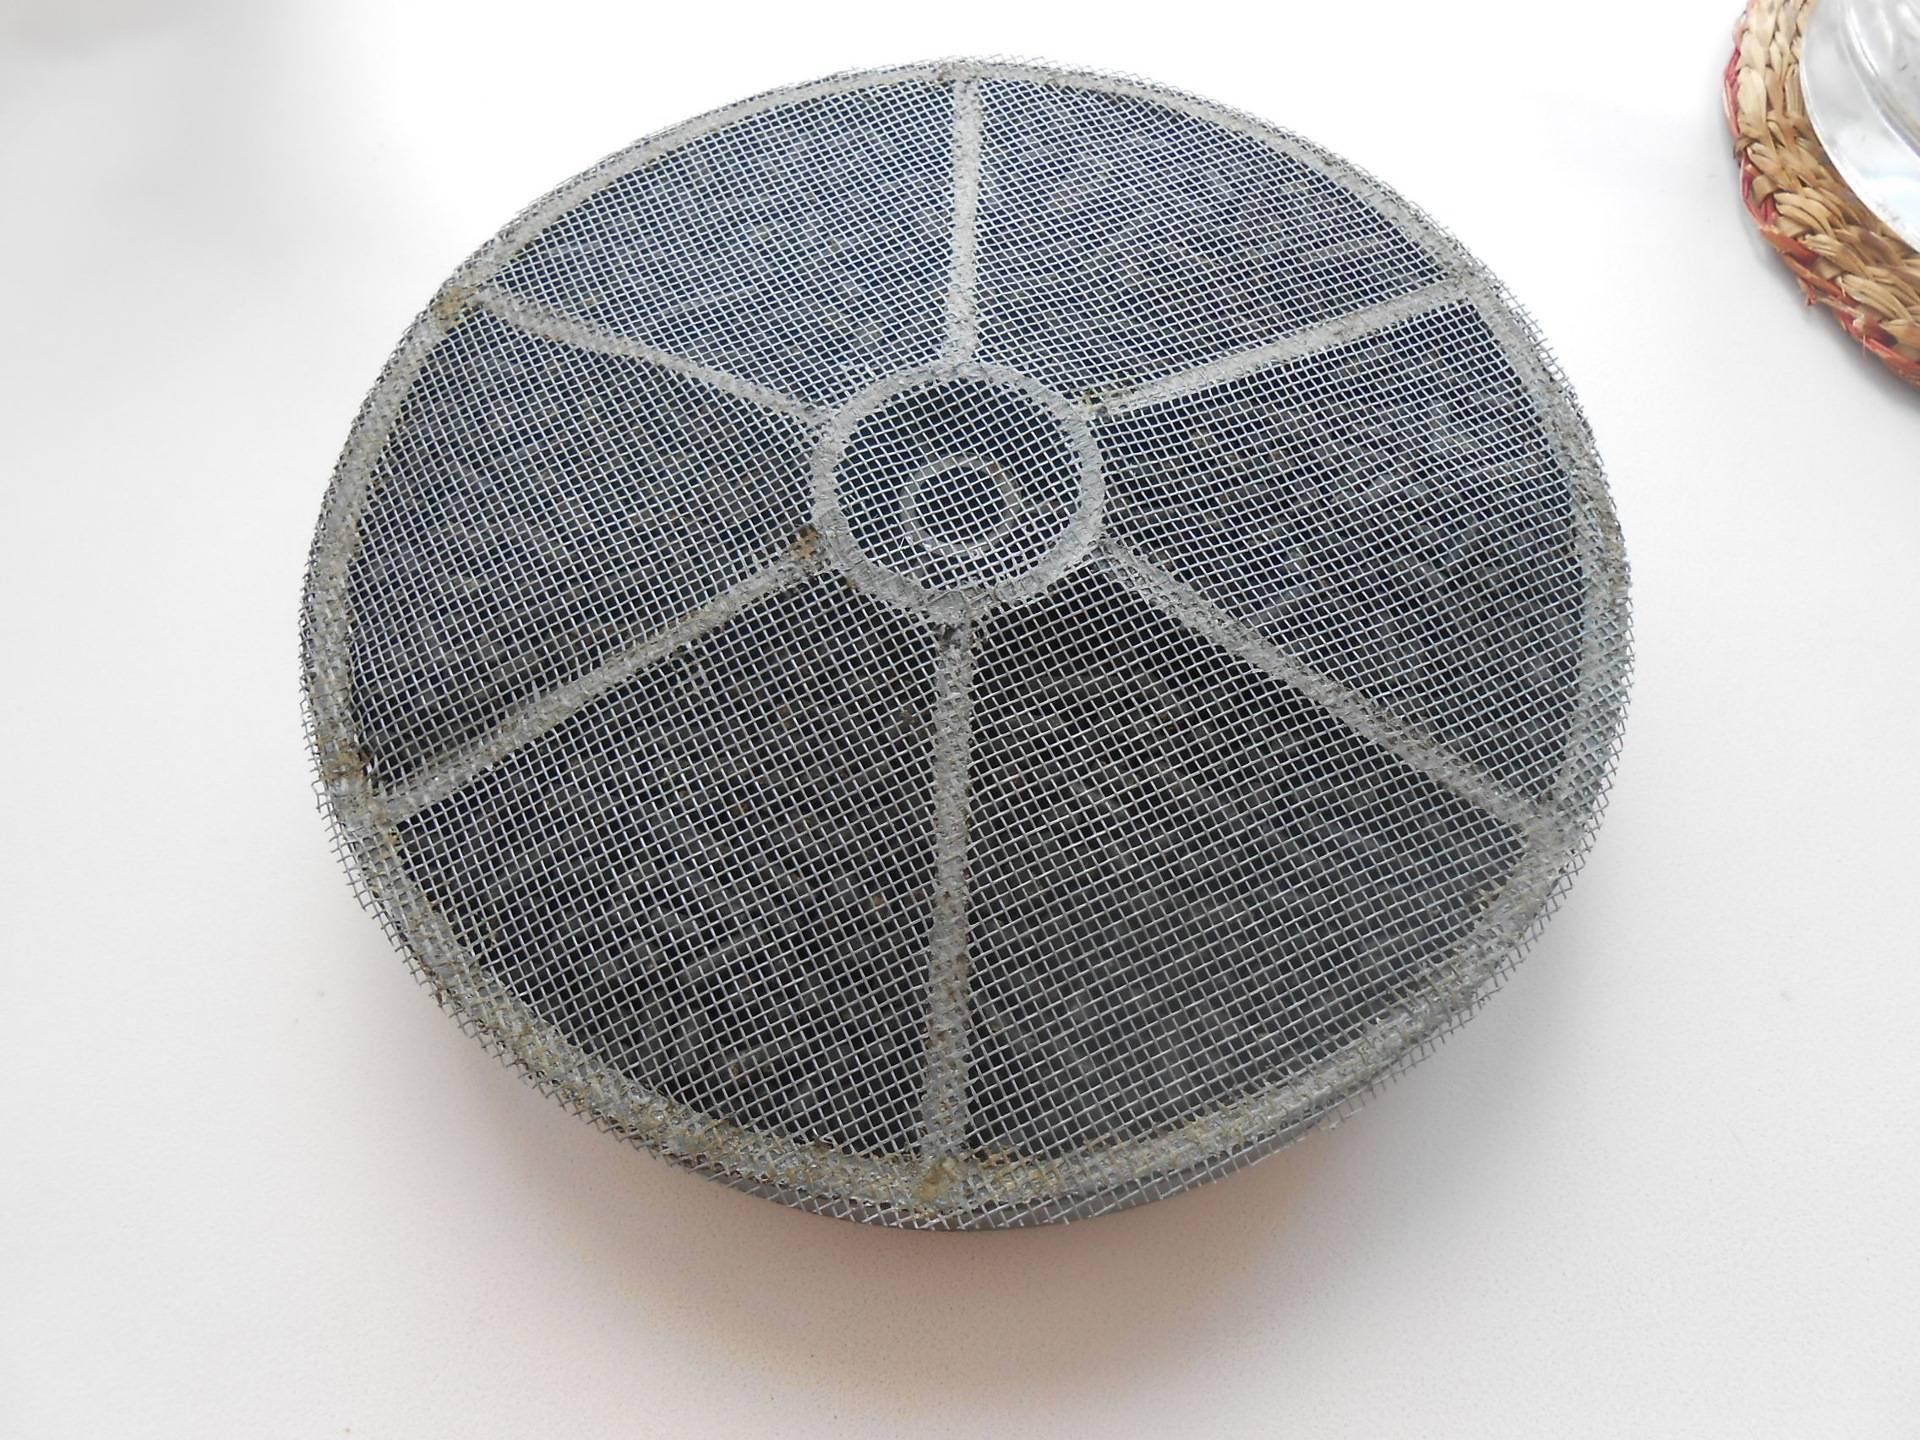 Вытяжки с угольным фильтром без отвода: самые популярные модели + отзывы